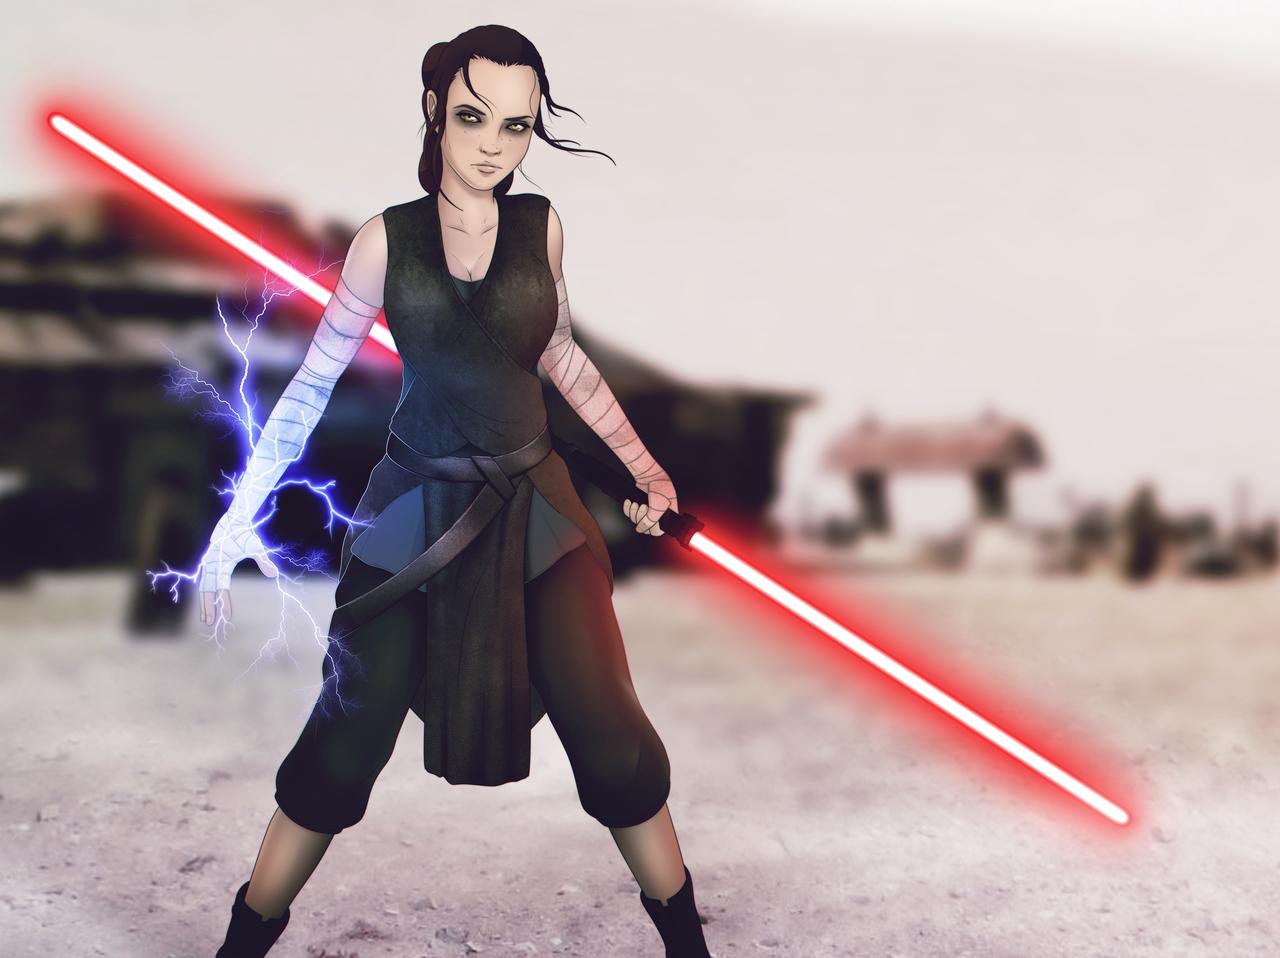 Rey sith   Star Wars by StanEKB 1280x958